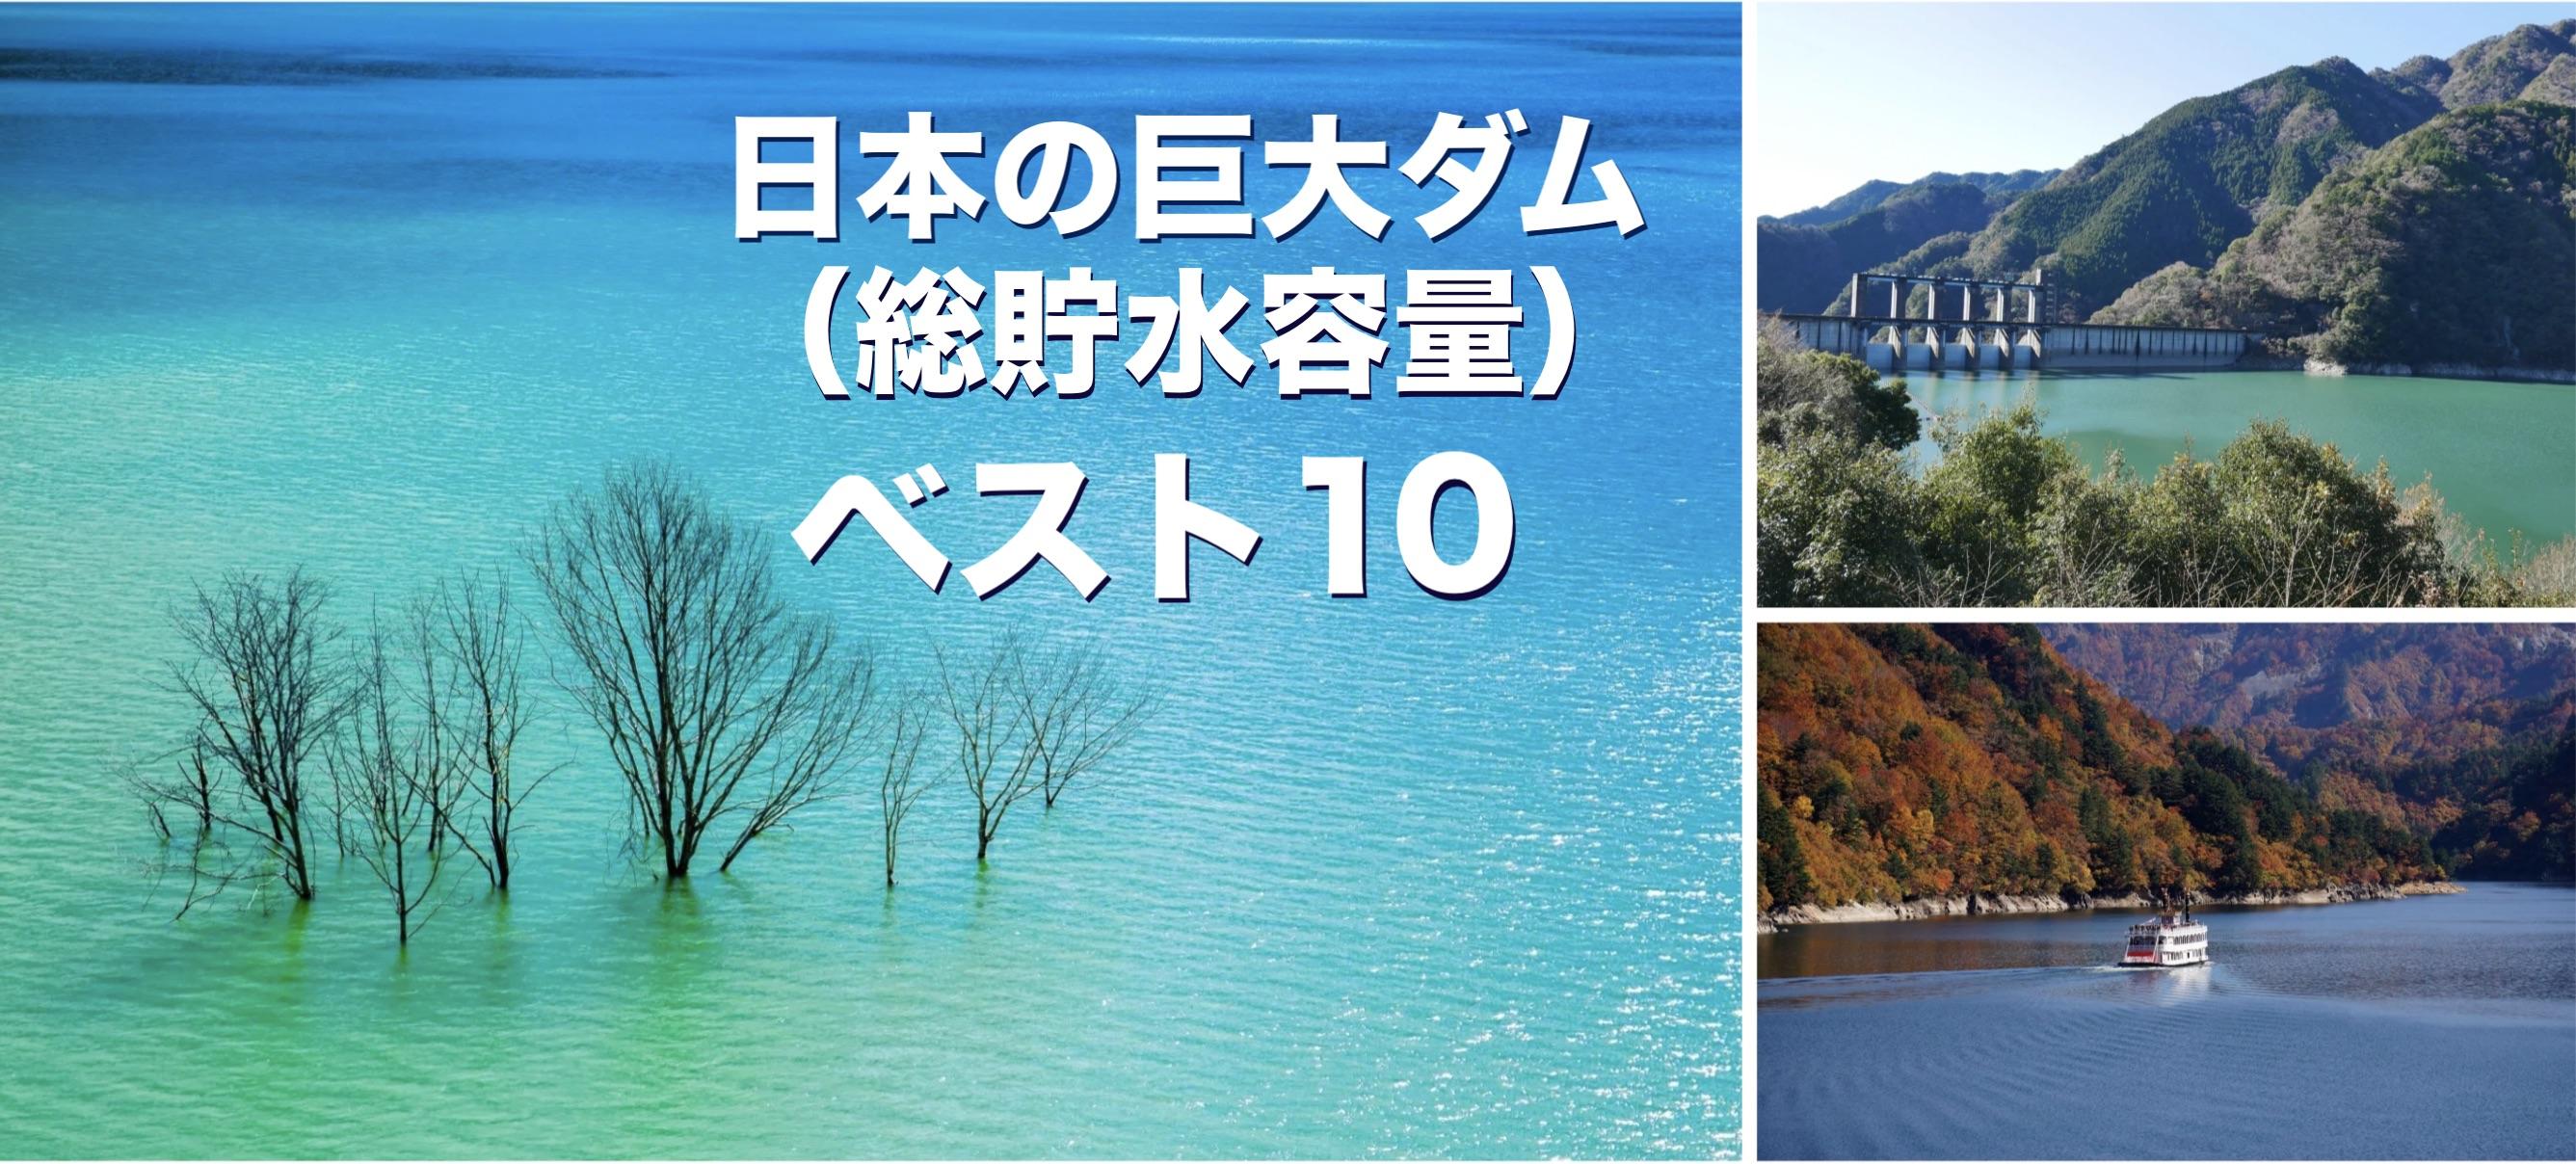 日本の巨大ダム(総貯水容量)